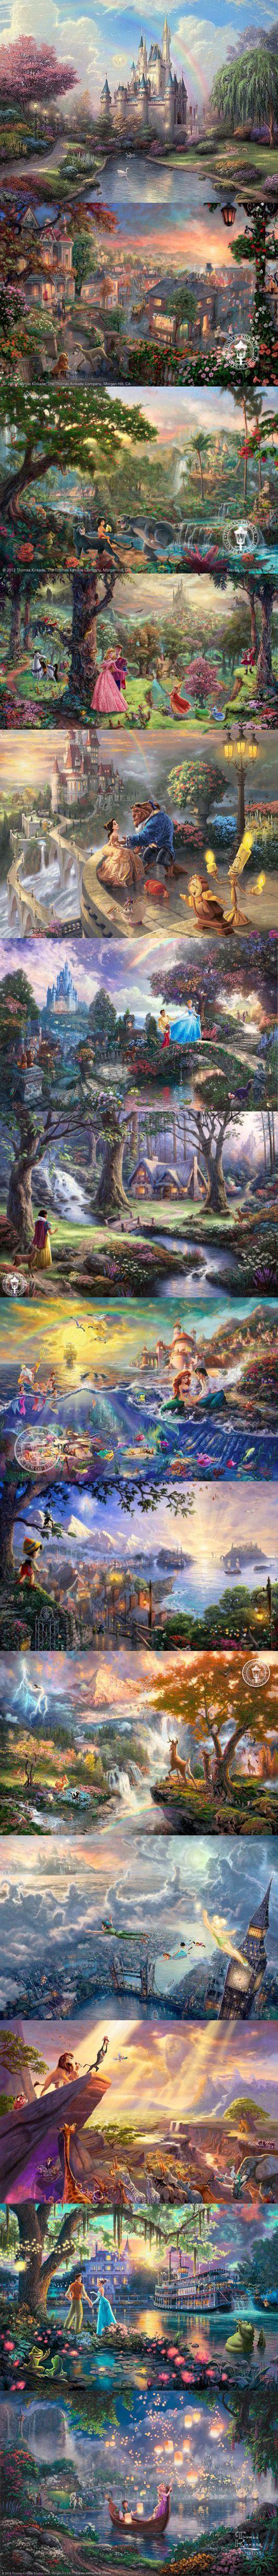 """Thomas Kinkade """"Disney Dreams"""" collection: Thomas Kinkade """"Disney Dreams"""" collection"""